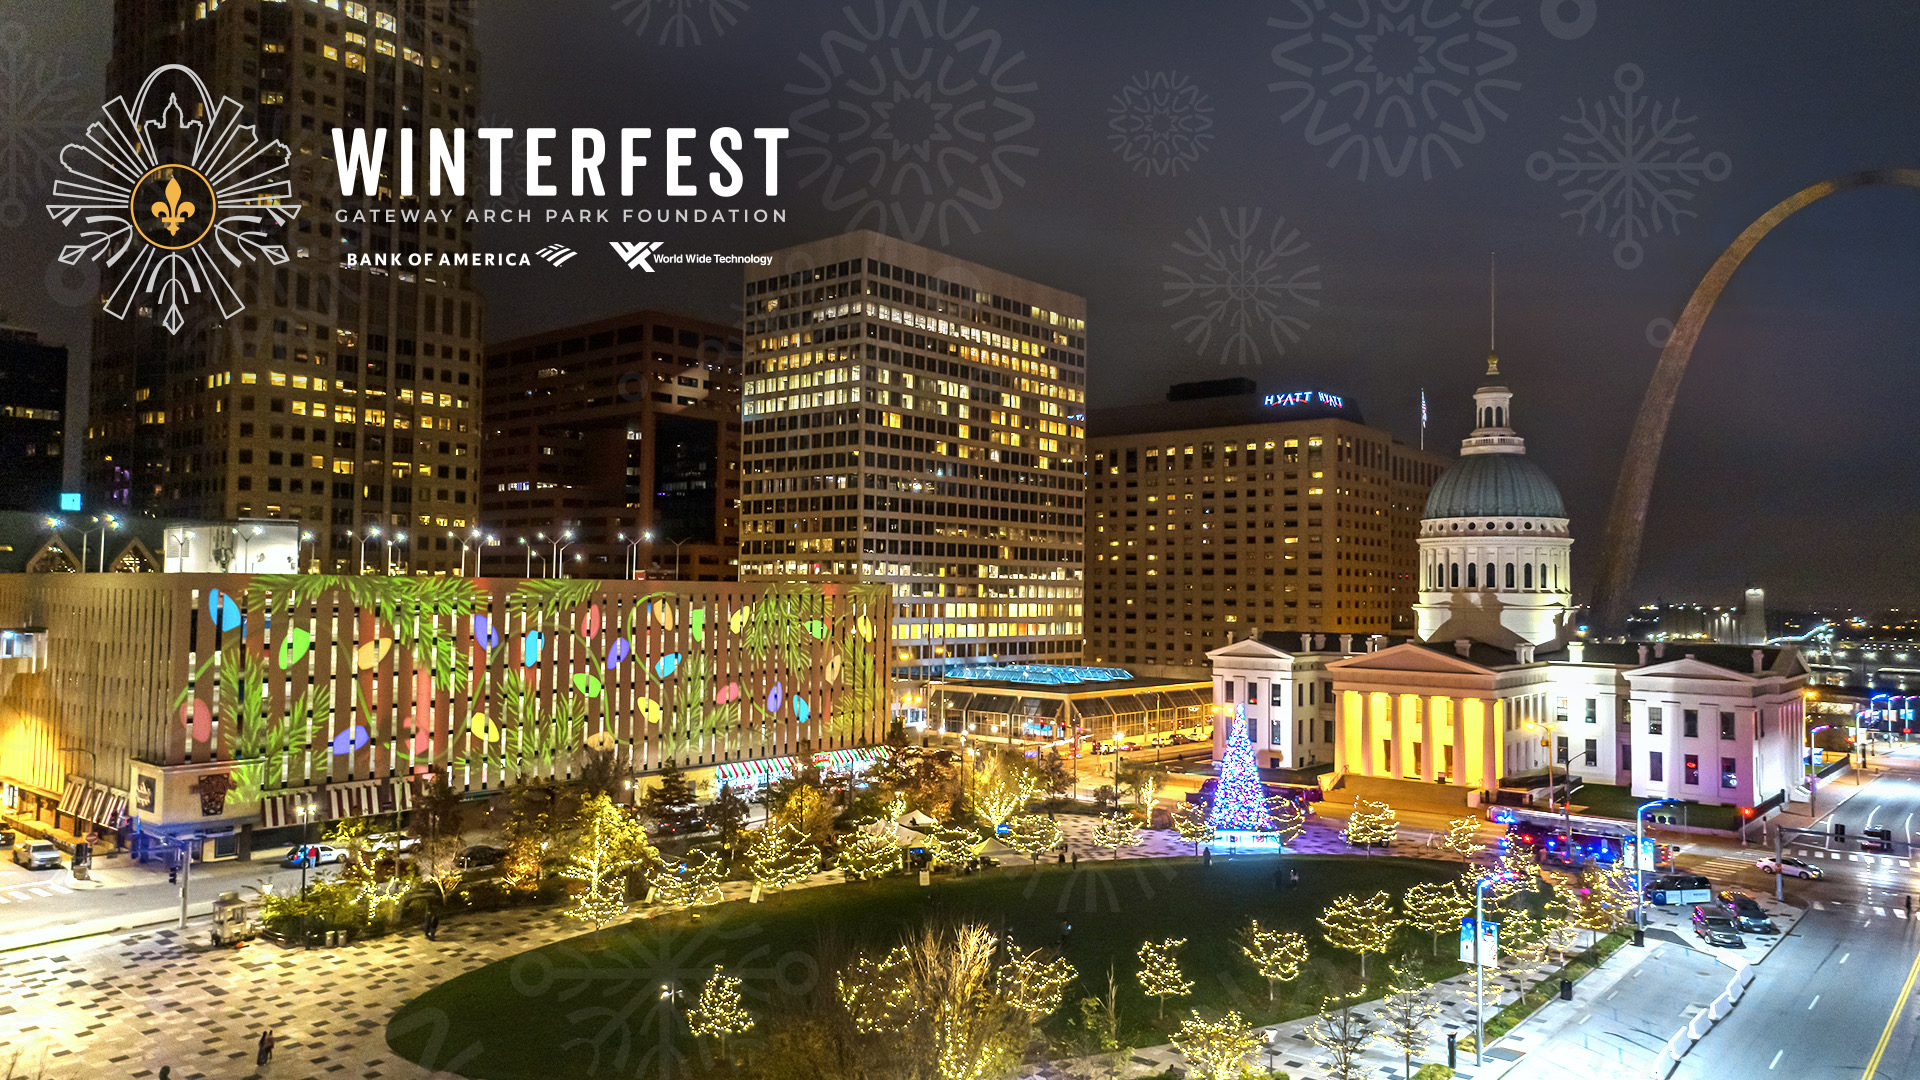 Winterfest Events Gateway Arch Park Foundation